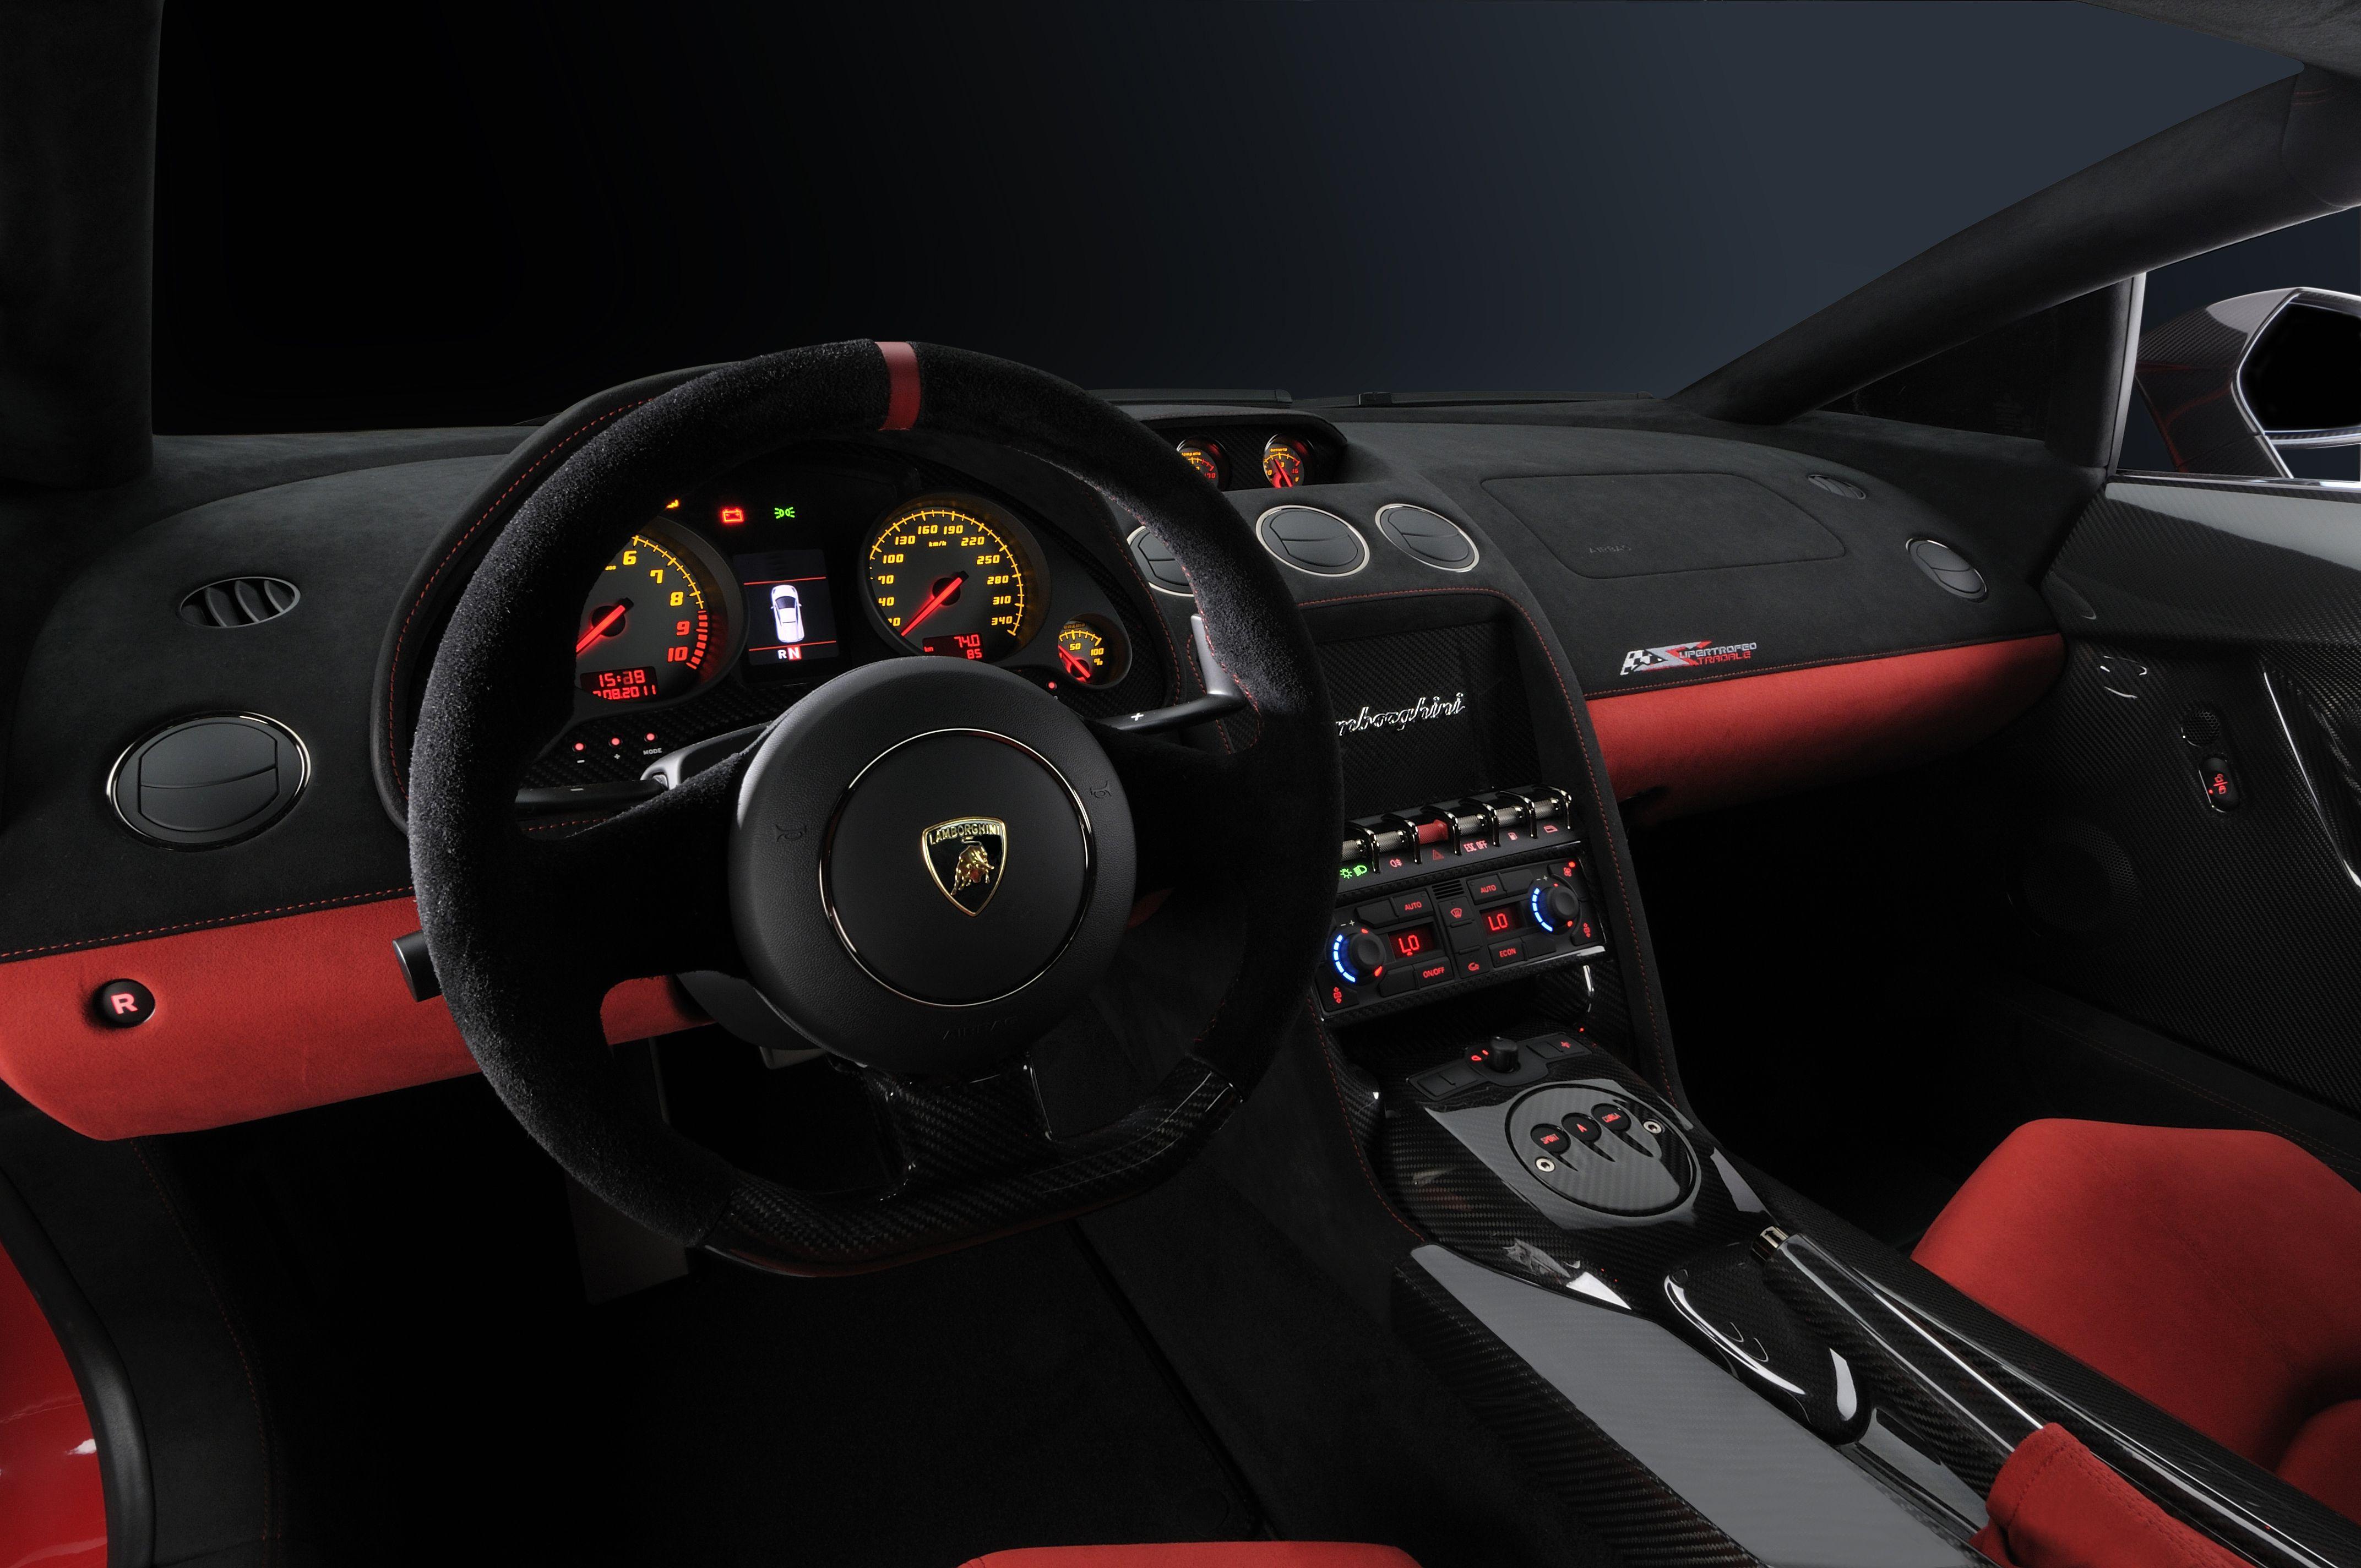 2015 Lamborghini Murcielago Interior 2013 Lamborghini Gallardo Lp